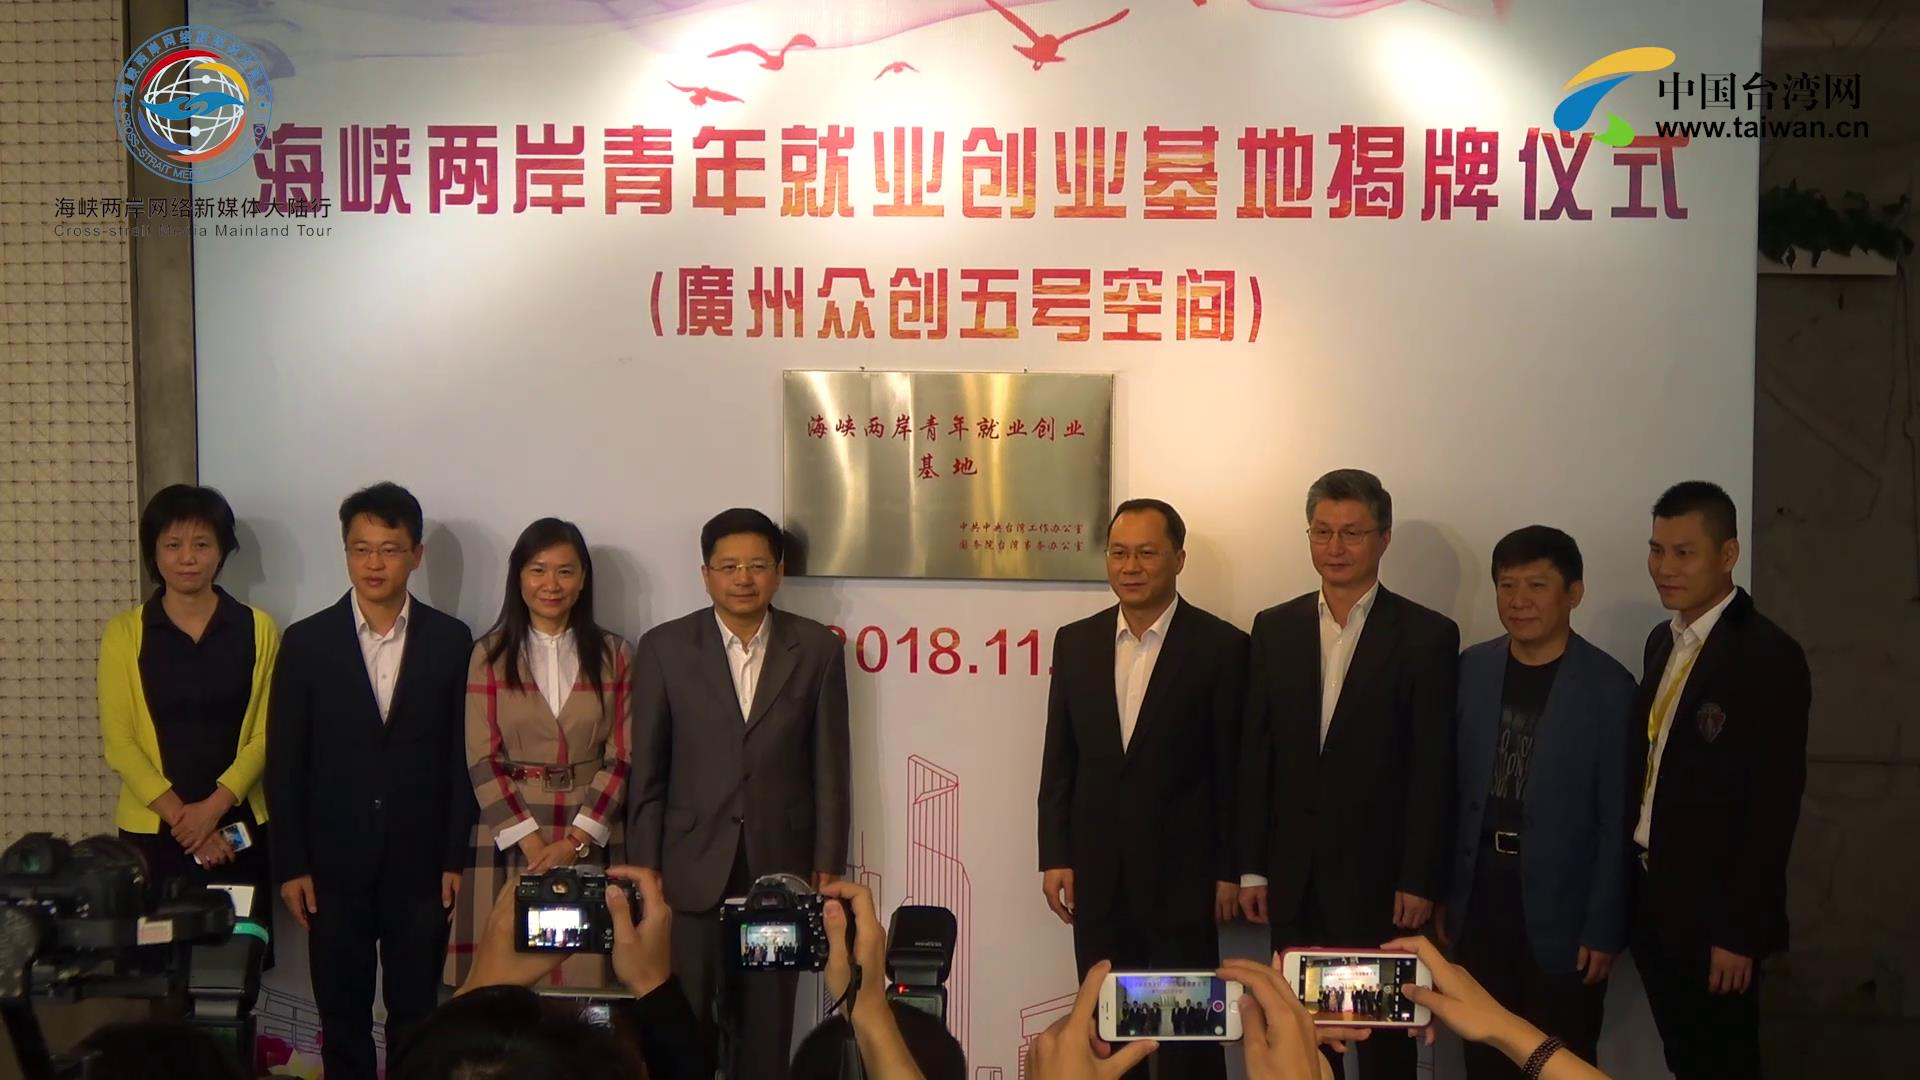 广州台湾青年之家打卡~一起去参观一下吧!图片